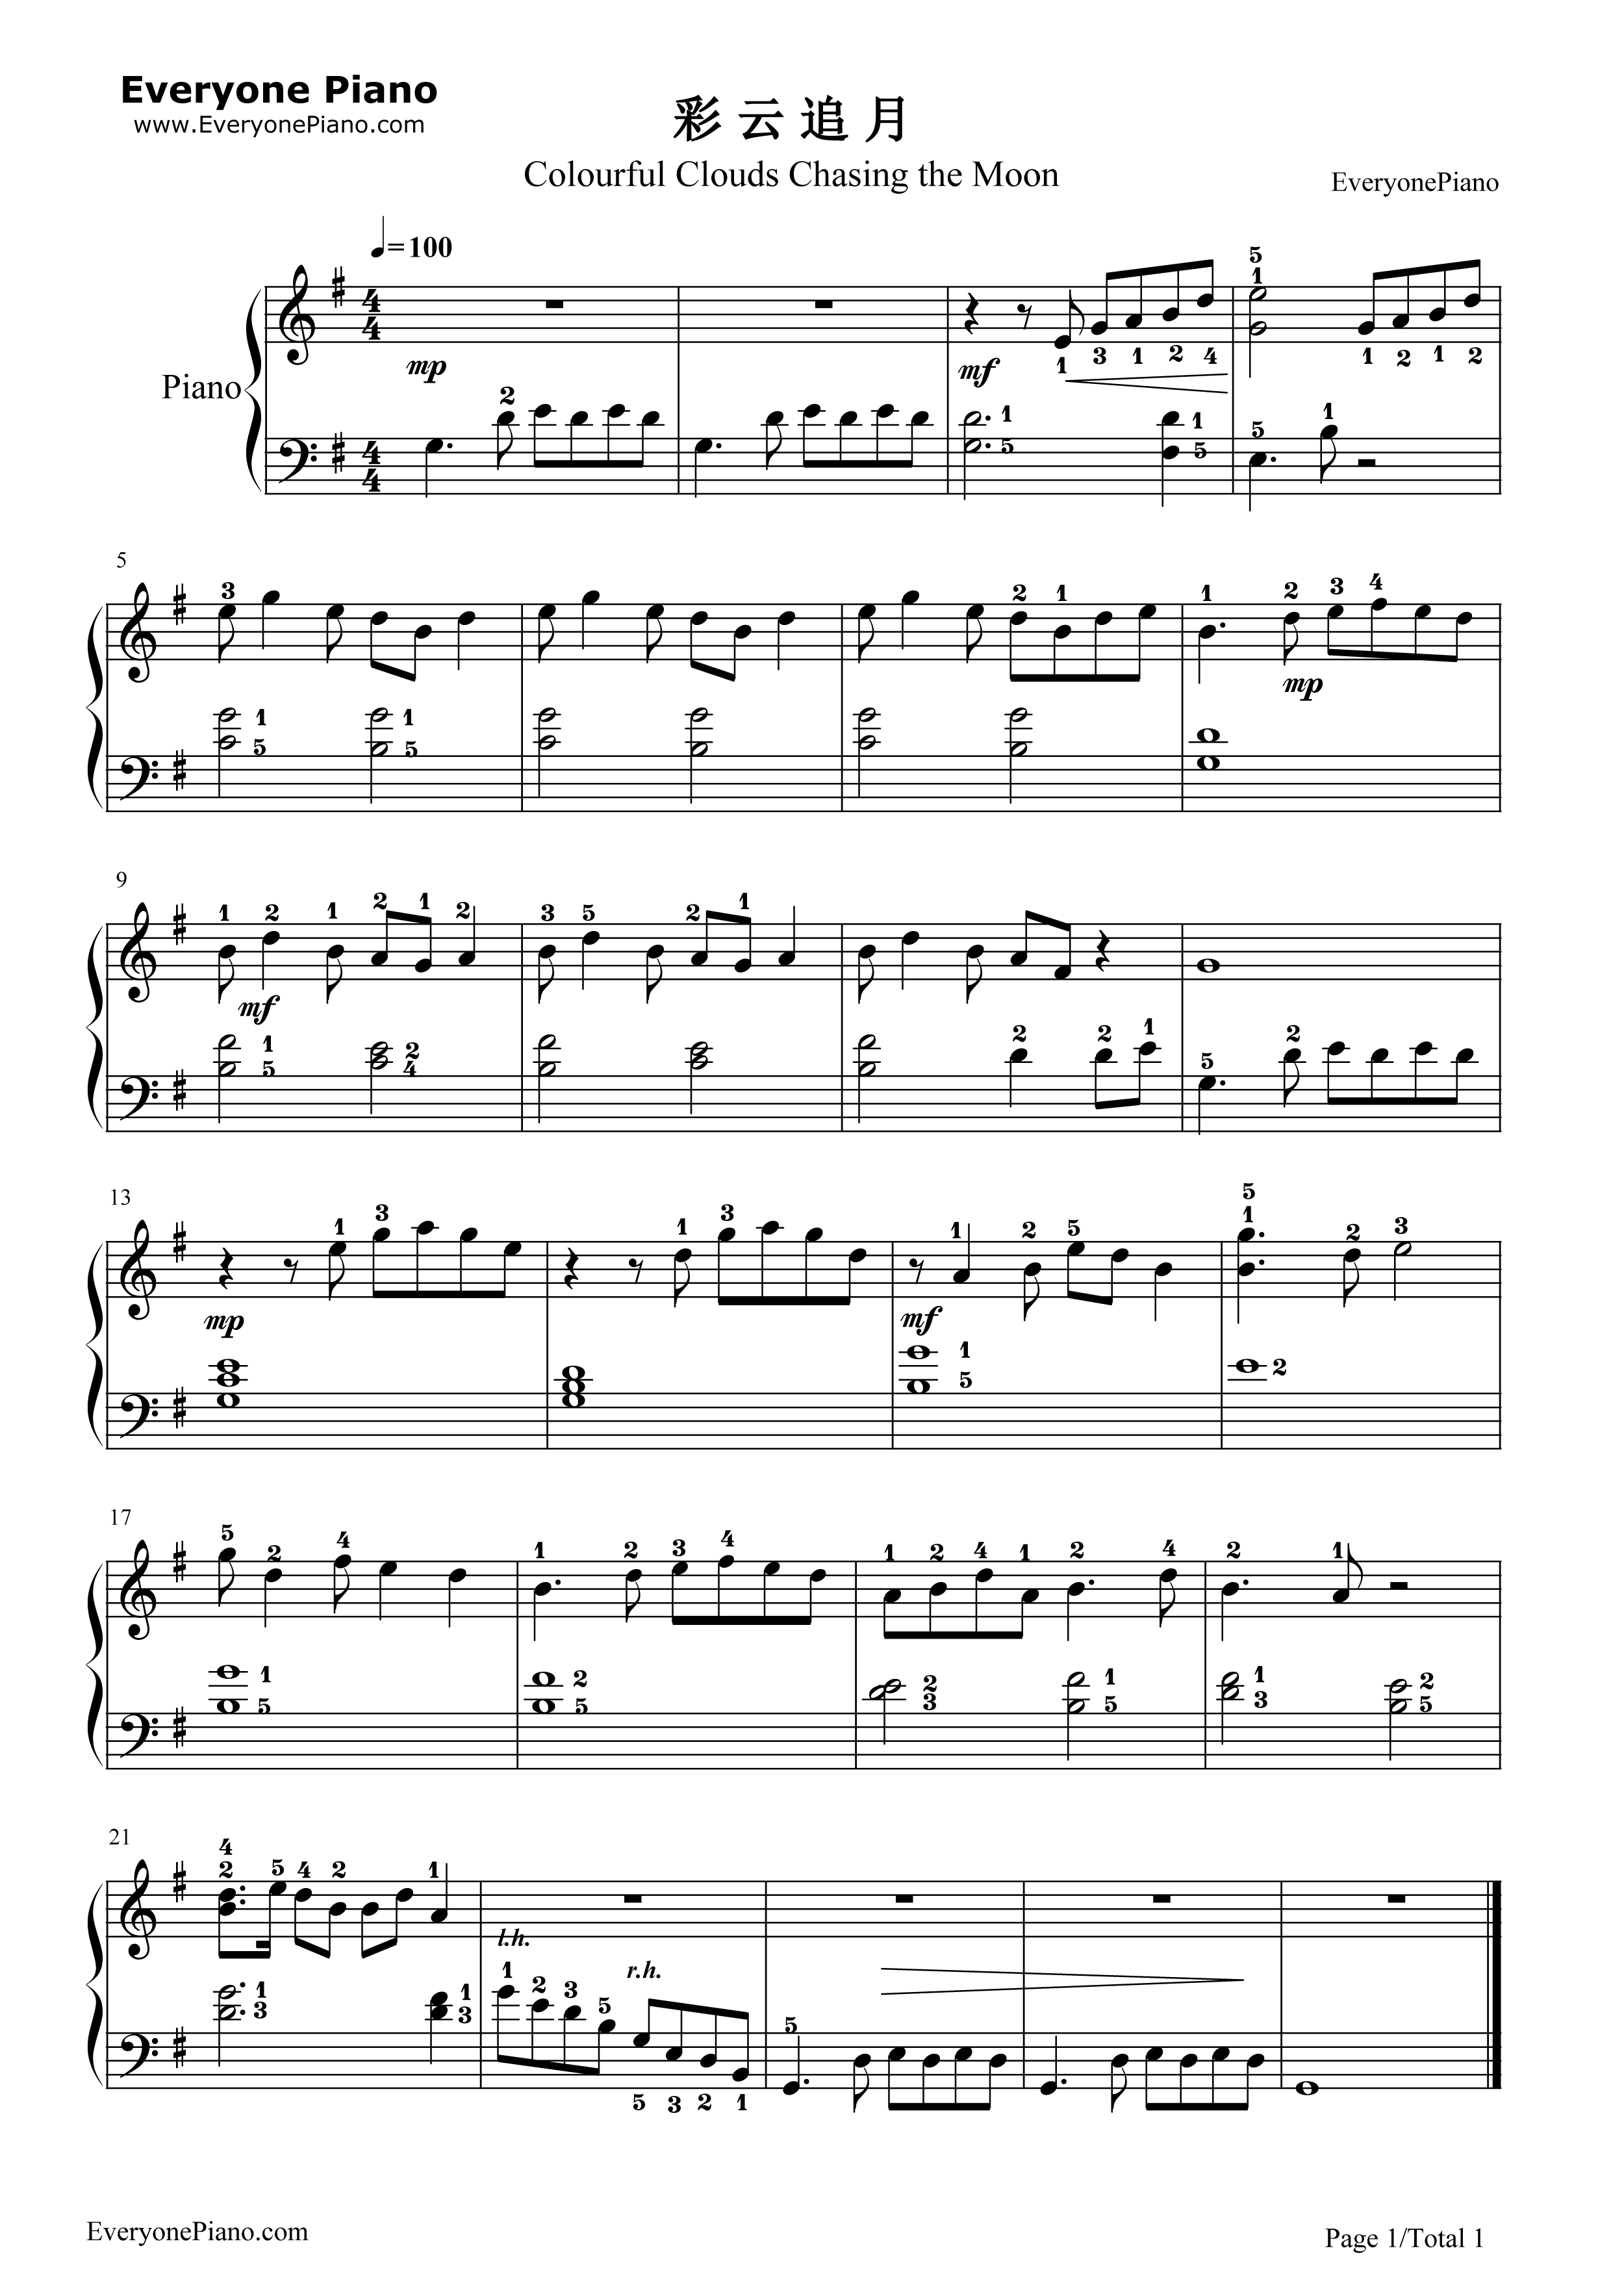 彩云追月片段-简单版-eop教学曲五线谱预览1